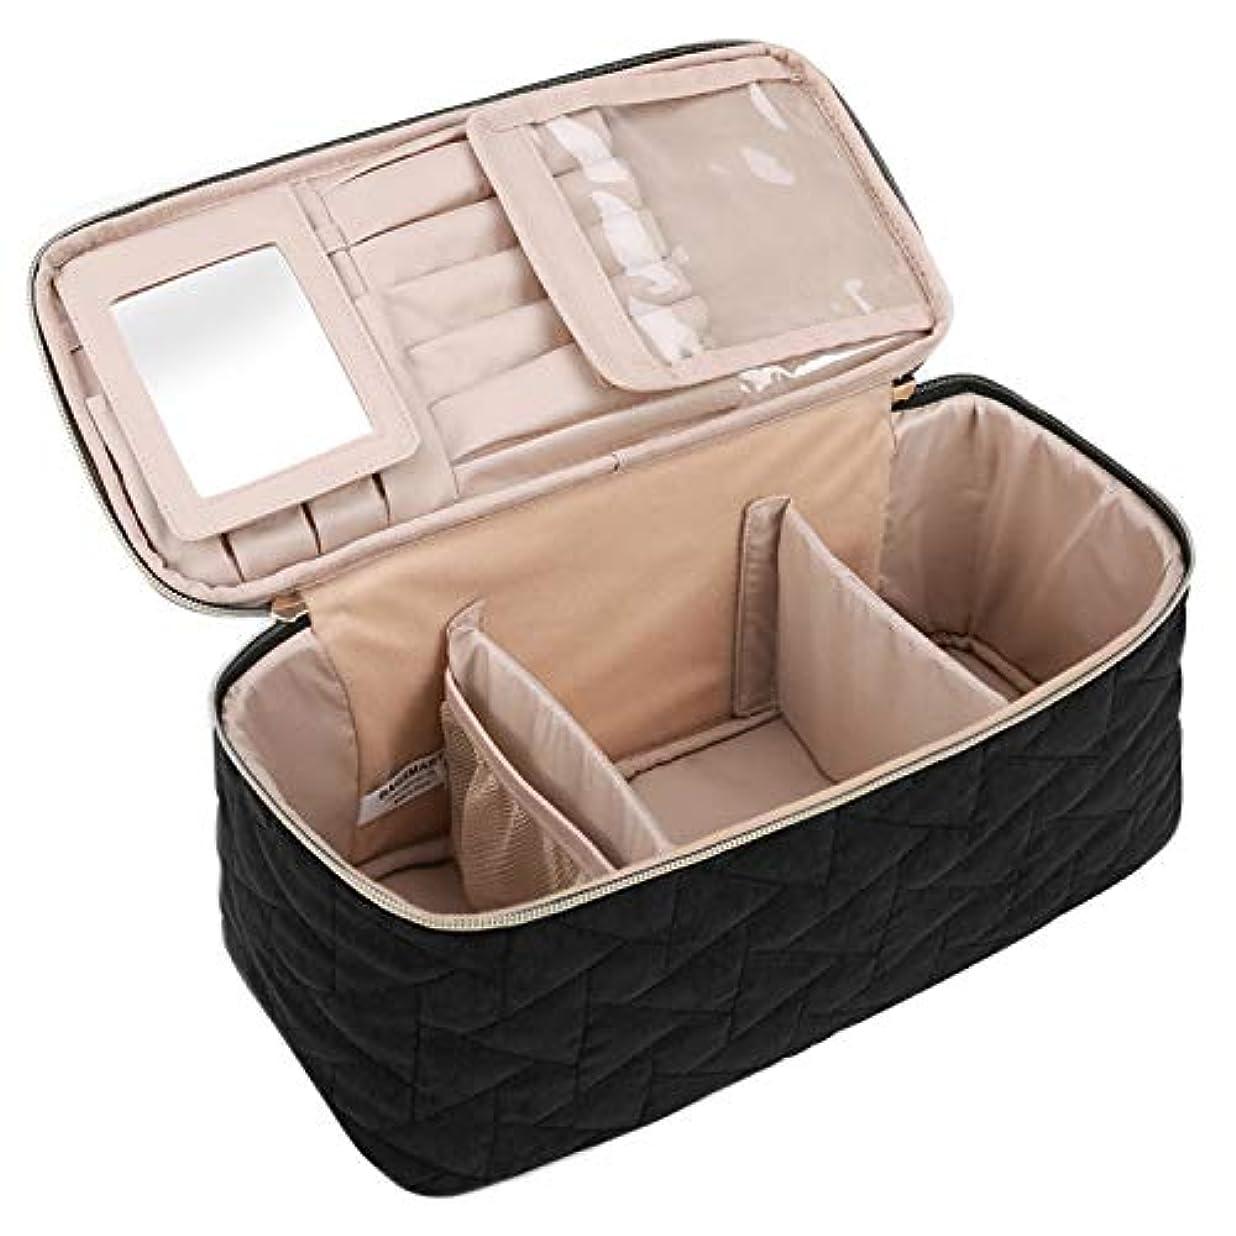 価格苛性早める(バッグスマート) BAGSMARTメイクボックス コスメボックス 化粧ポーチ メイクブラシバッグ 収納ケース 機能的 大容量